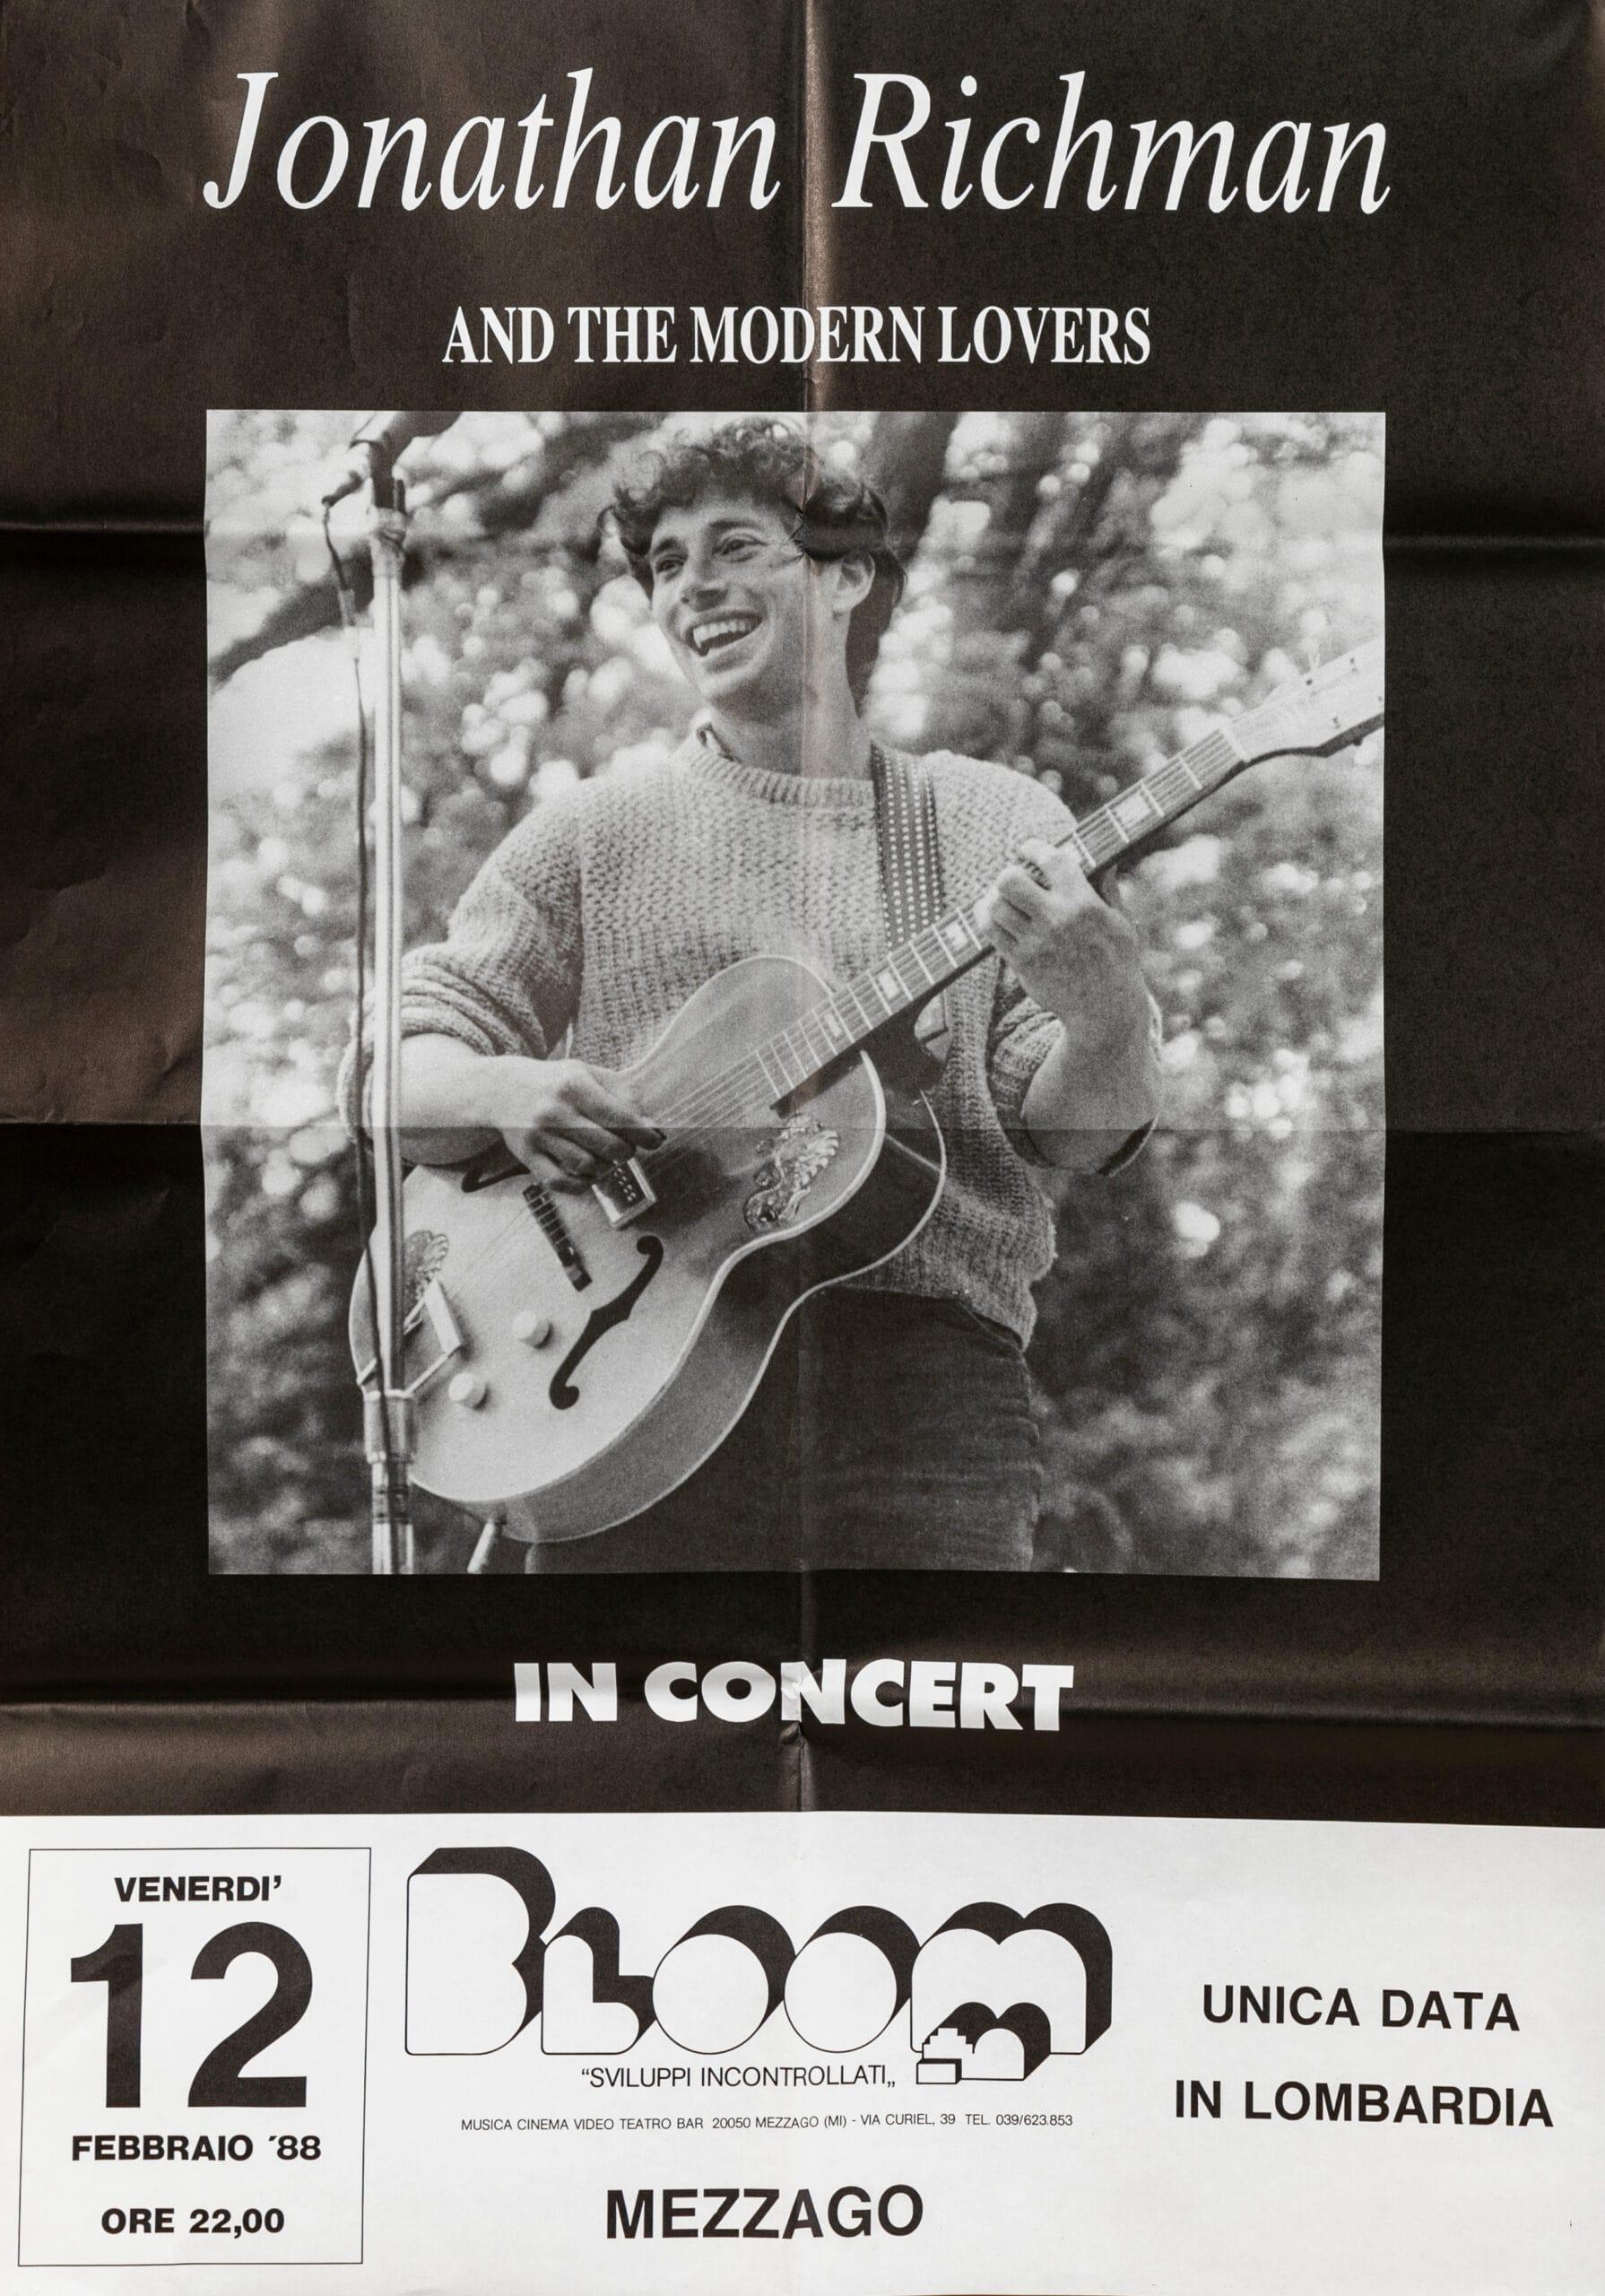 Manifesto per il concerto di Jonathan Richman con The modern lovers. Unica data in Lombardia.1988